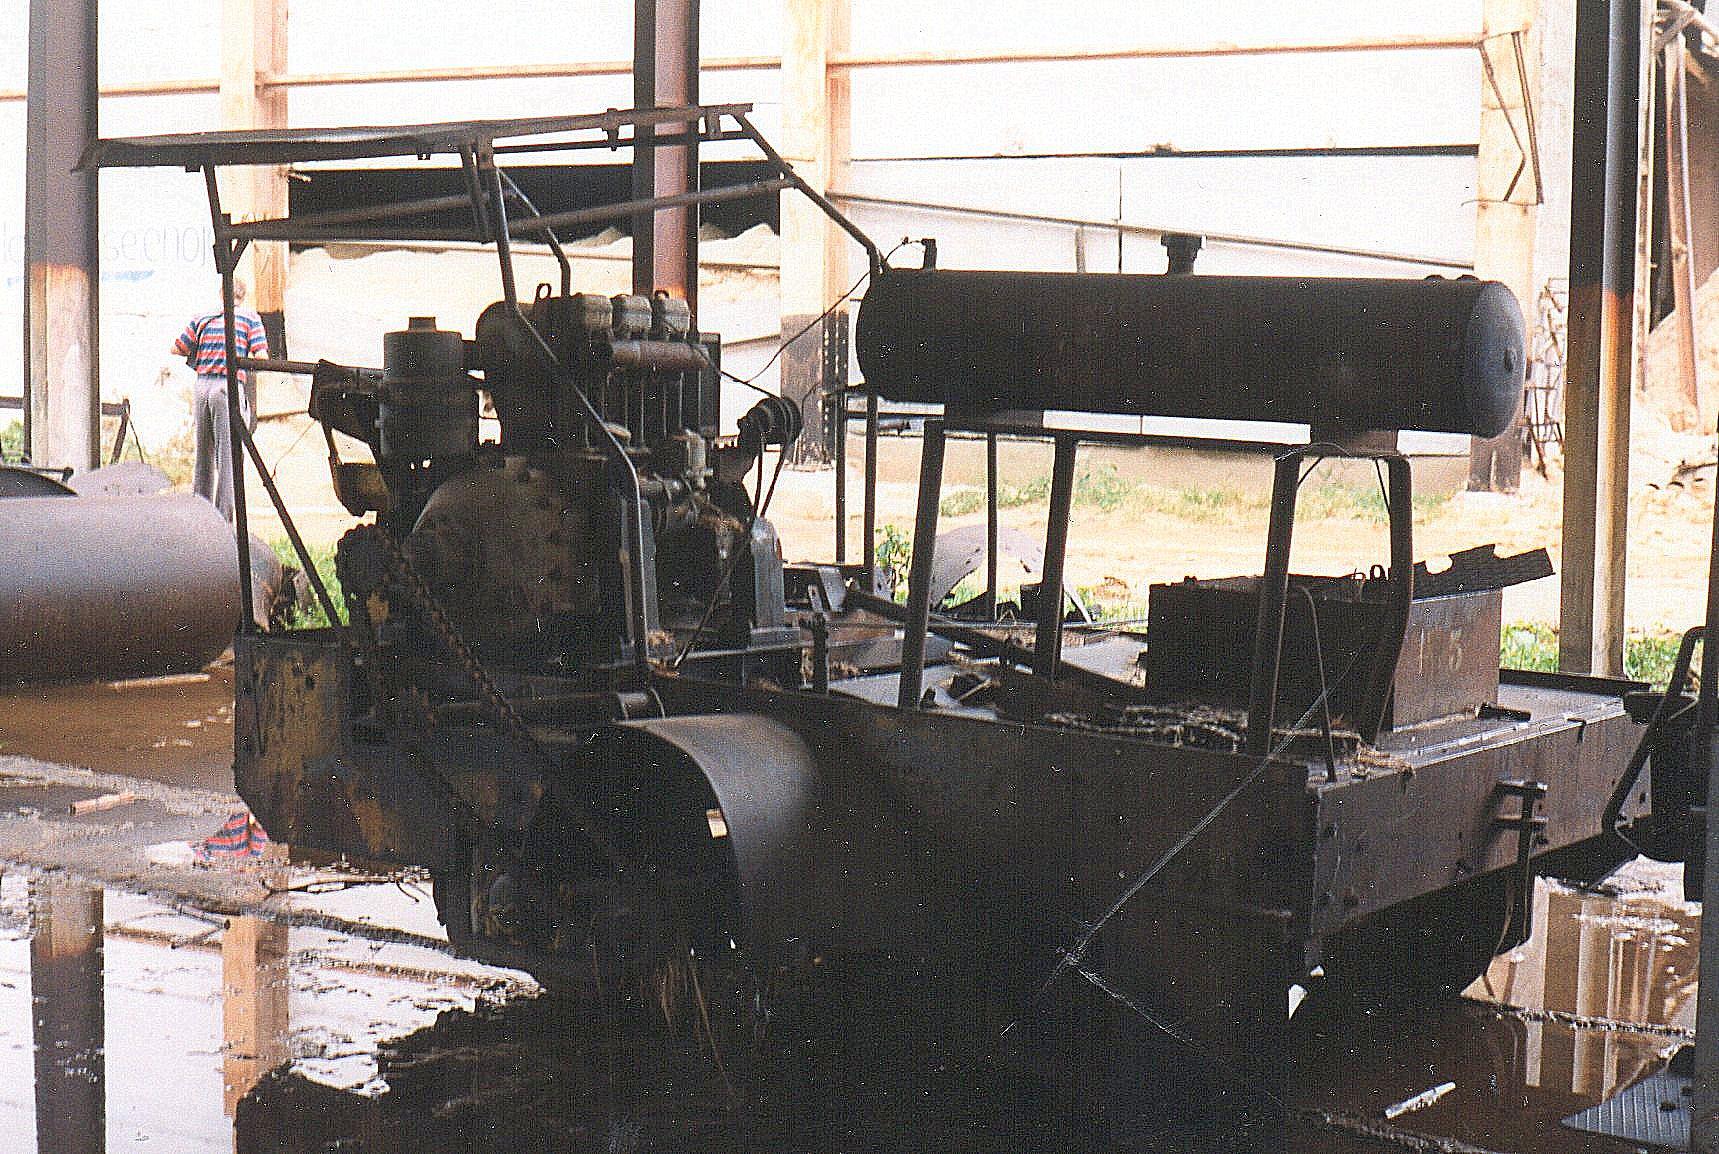 Foruden damplokomotiverne 1530 og 1531 rummede remisen denne trolje, der var uden data, men mærket 15.